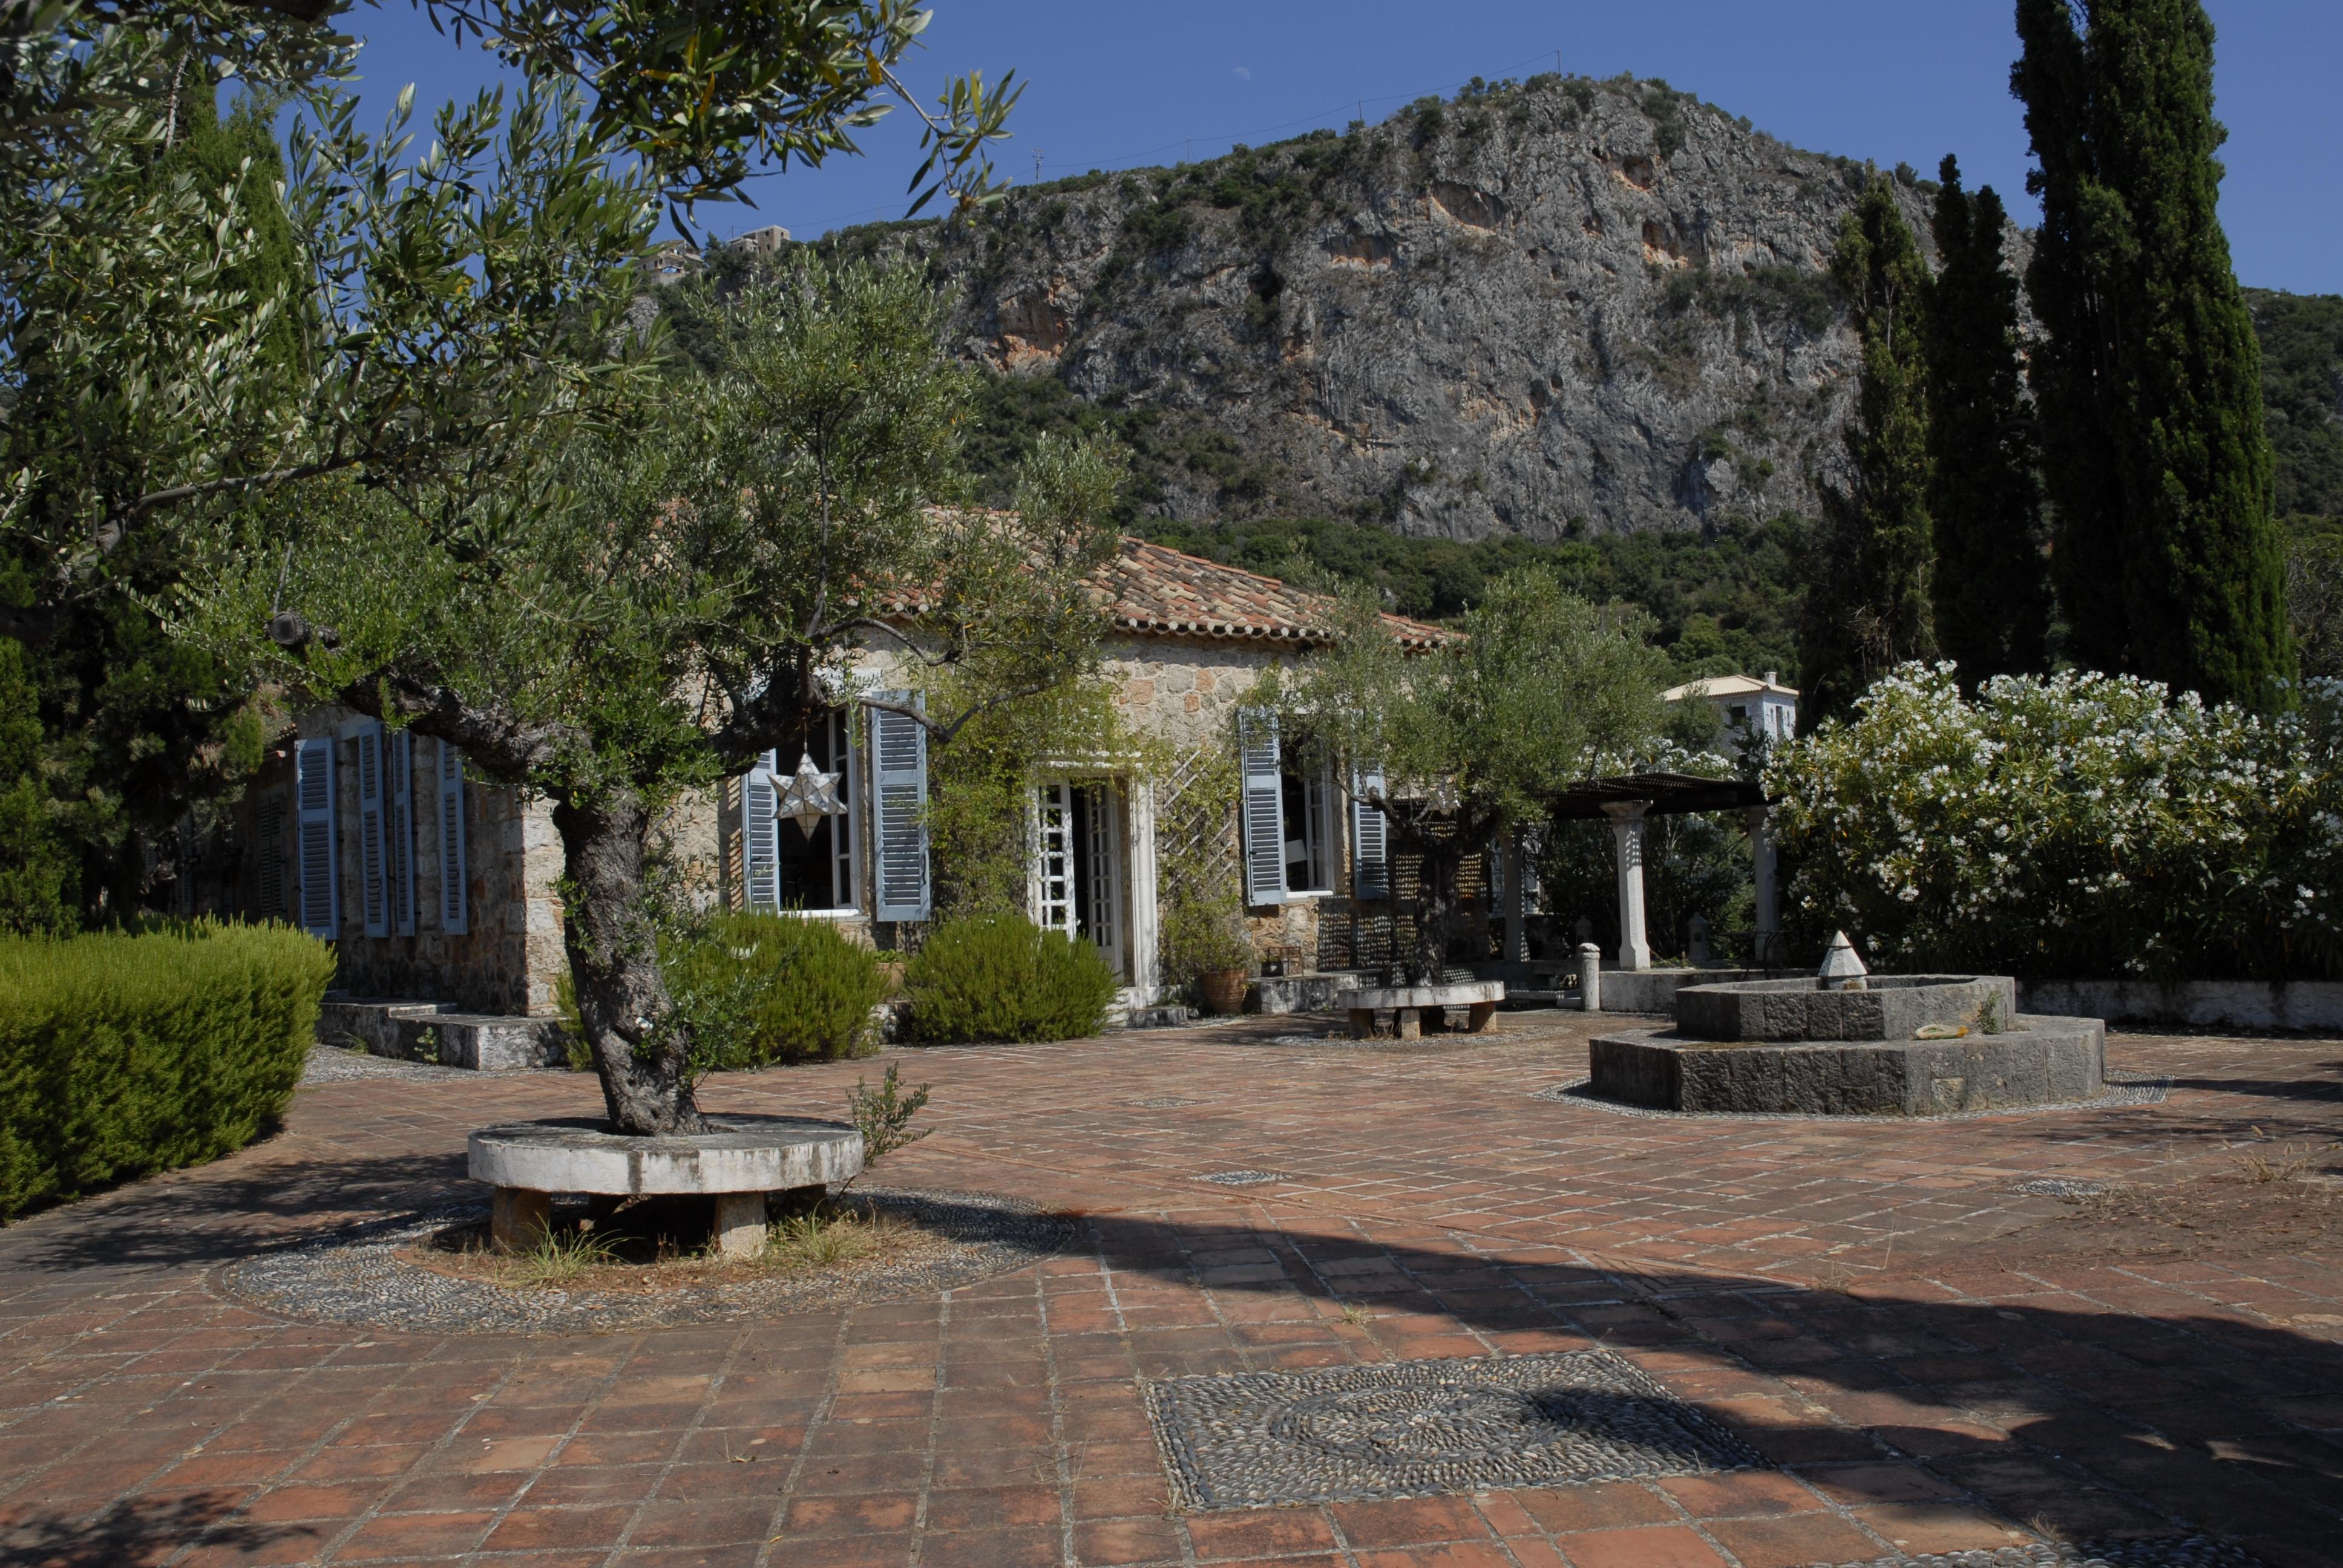 Η οικία του Patrick & της Joan Leigh Fermor στην Καρδαμύλη